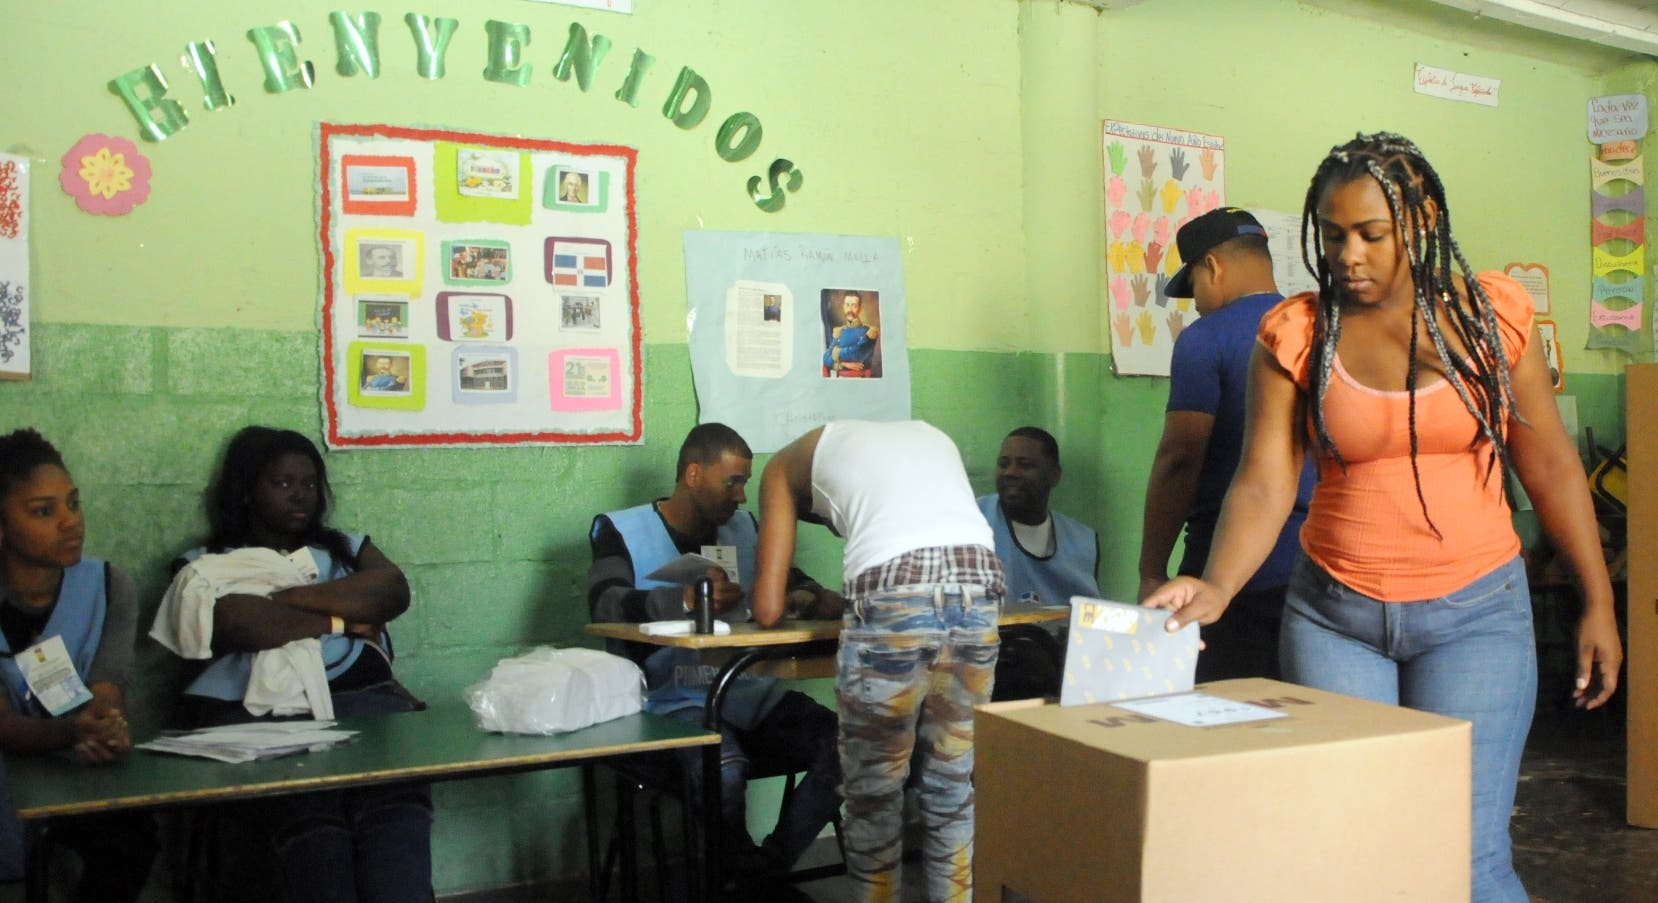 Observadores internacionales afirman proceso electoral fue transparente y limpio